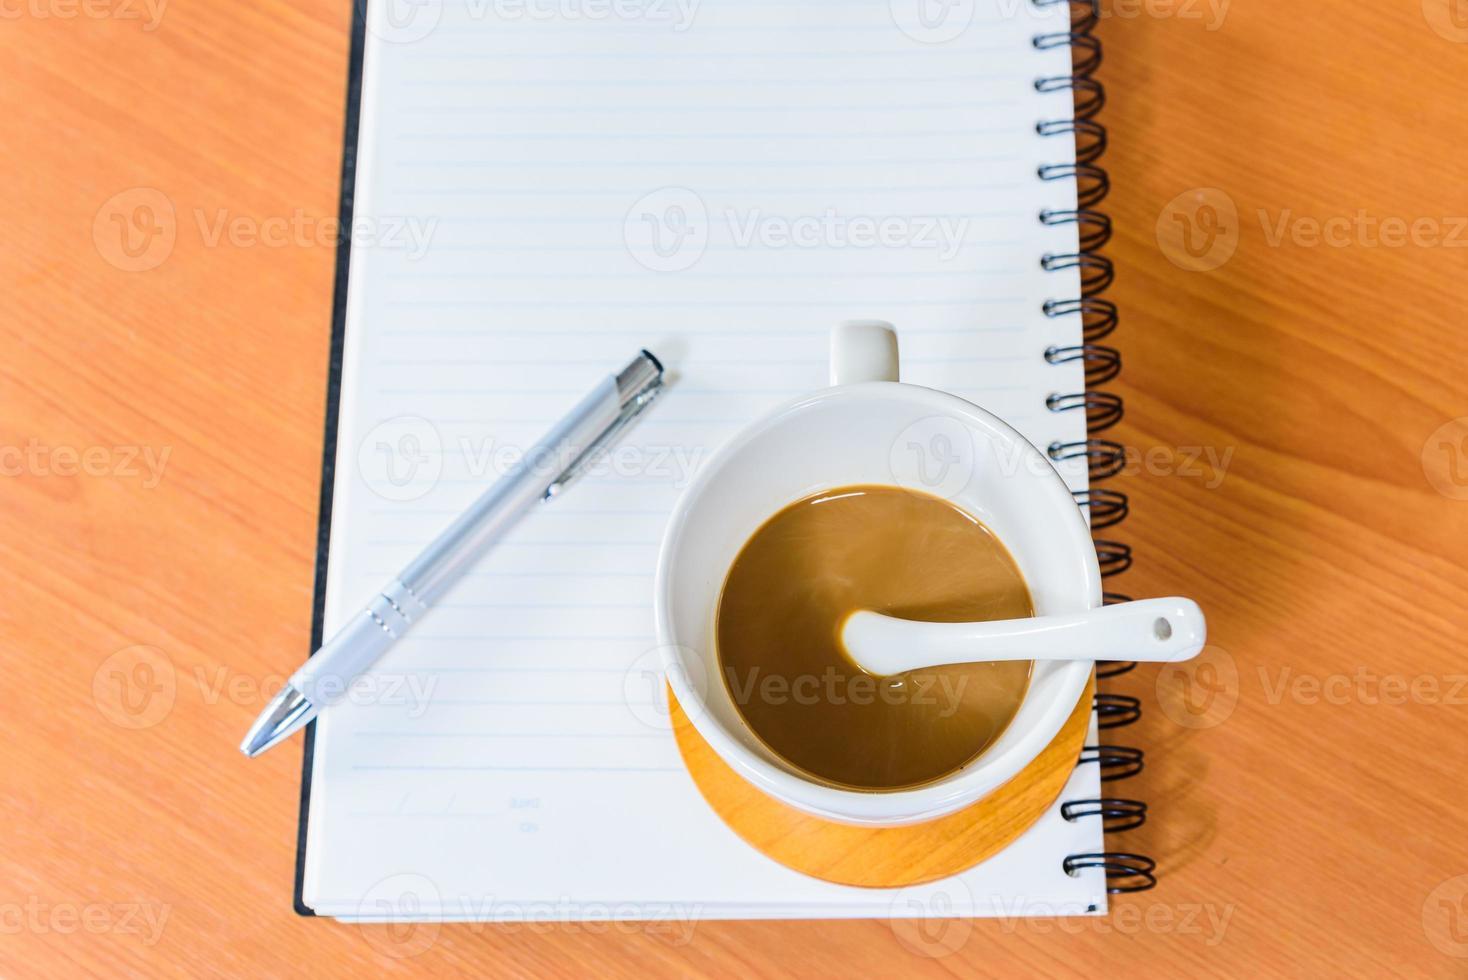 Notizbuch und Kaffee auf hölzernem Hintergrund foto